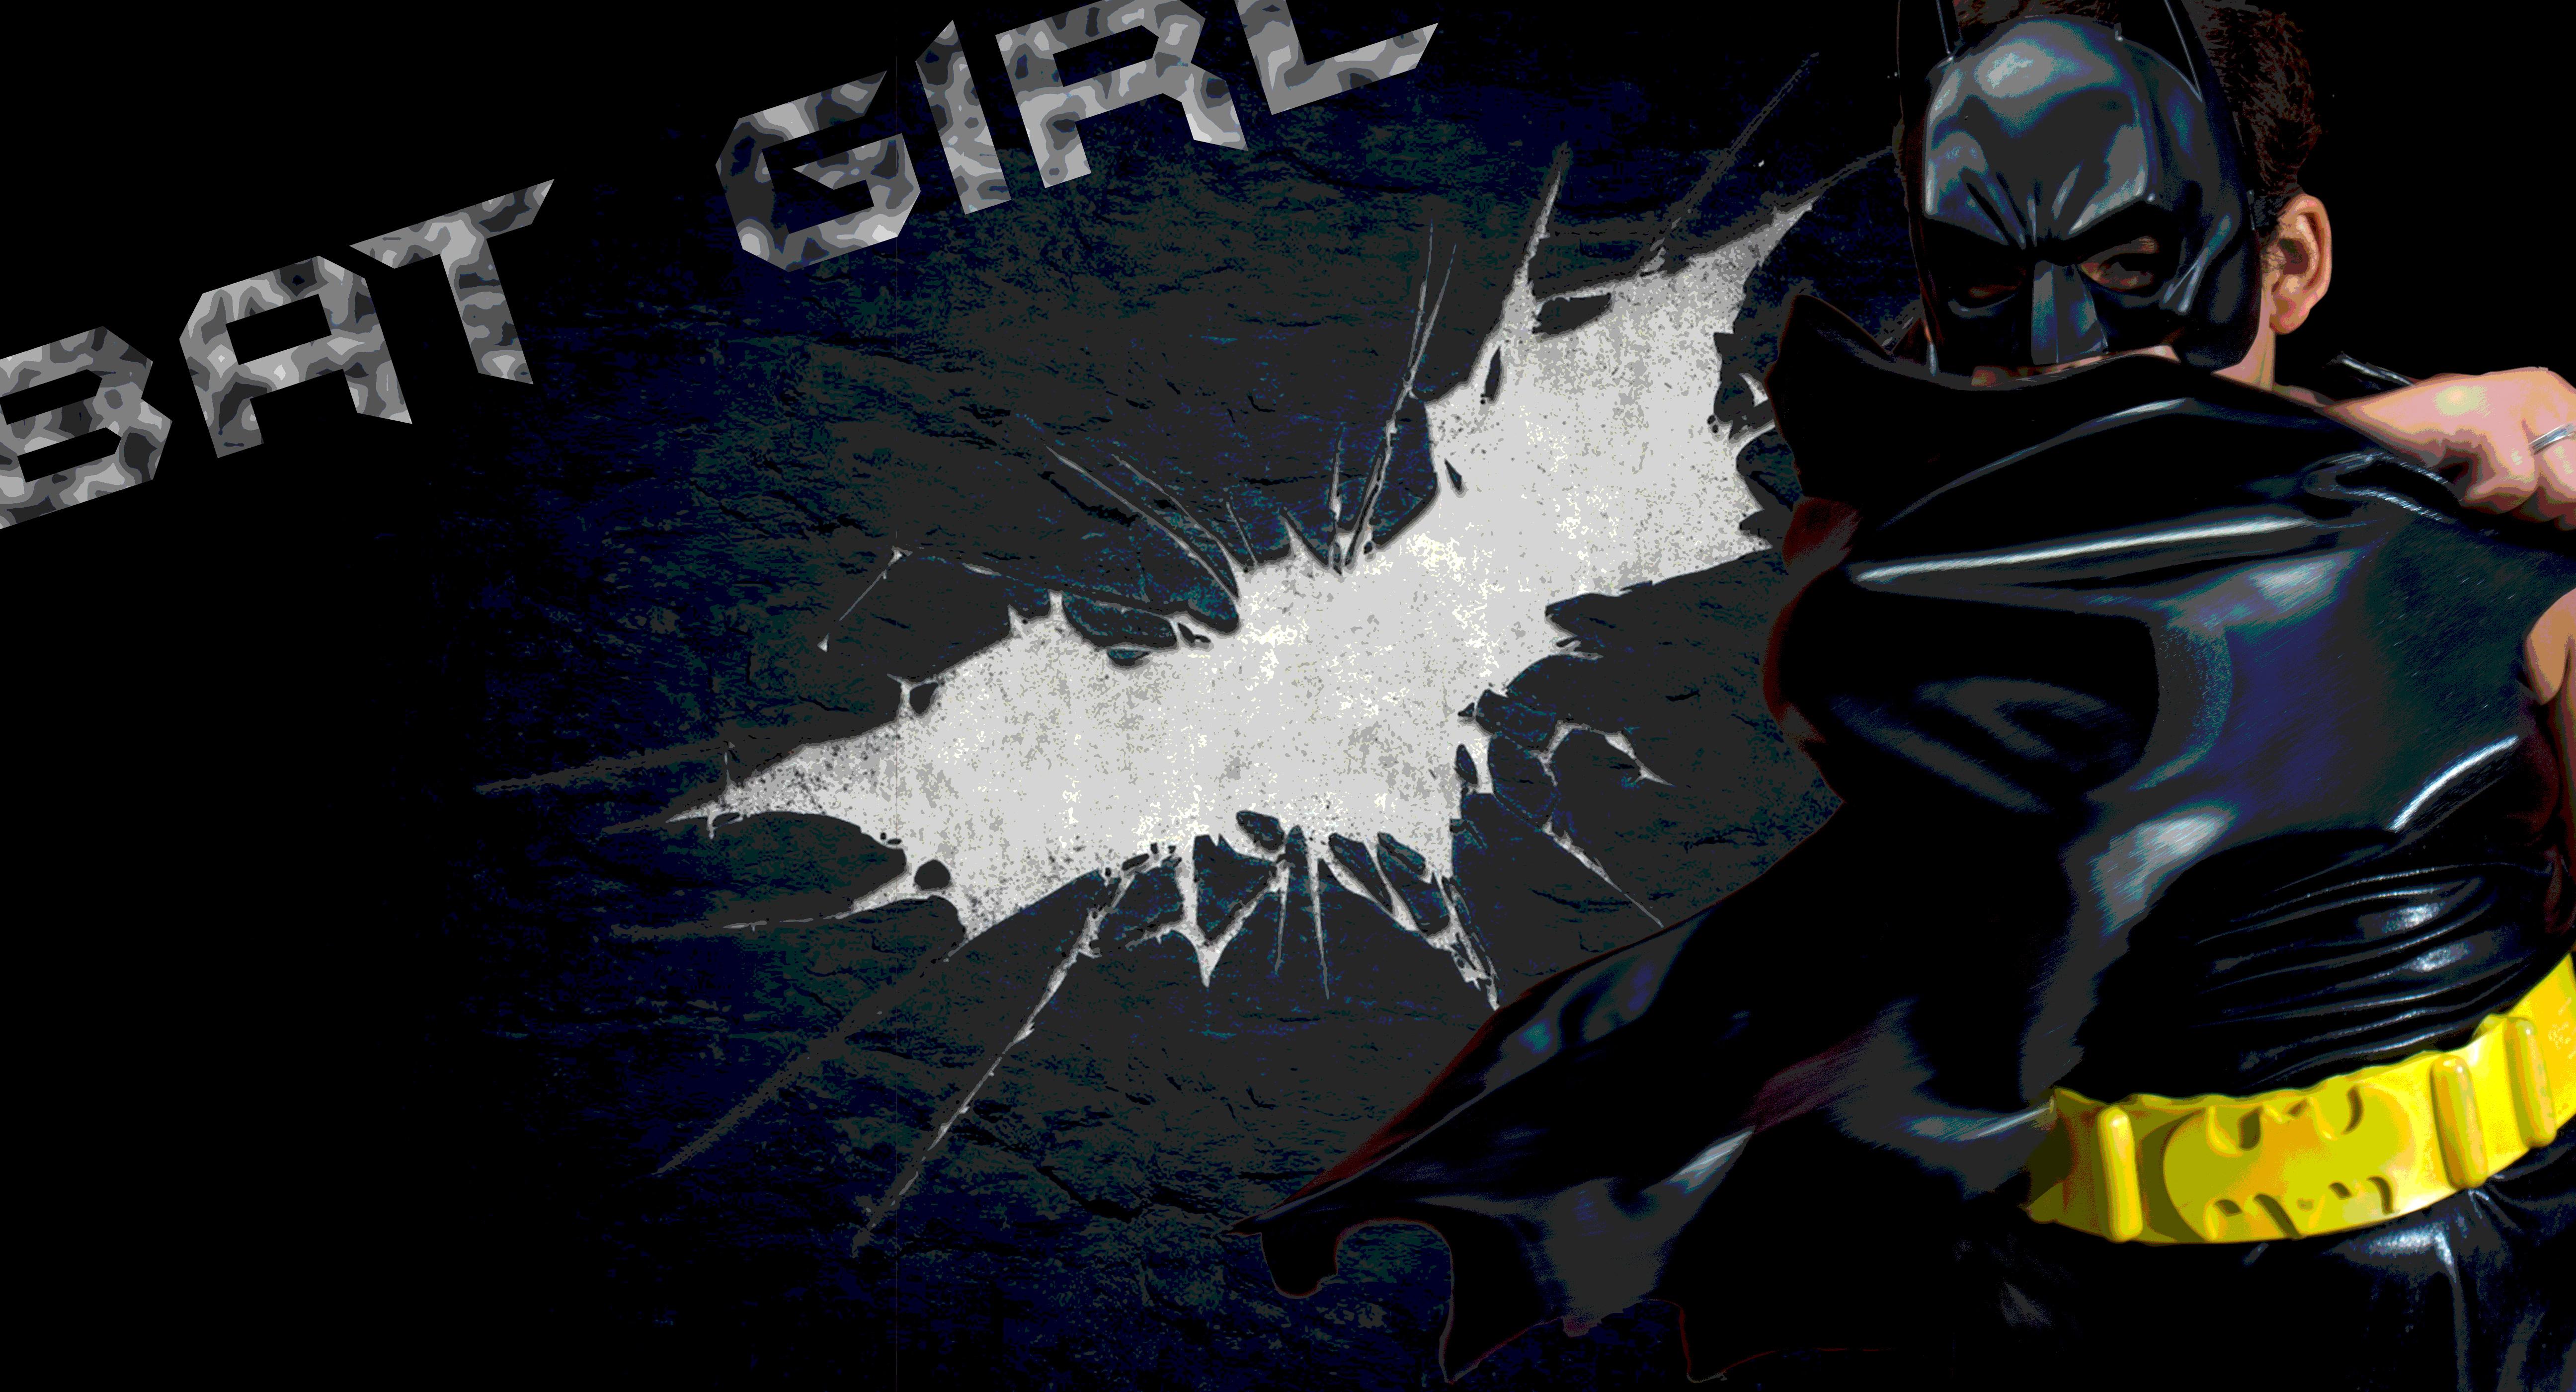 bat-girl